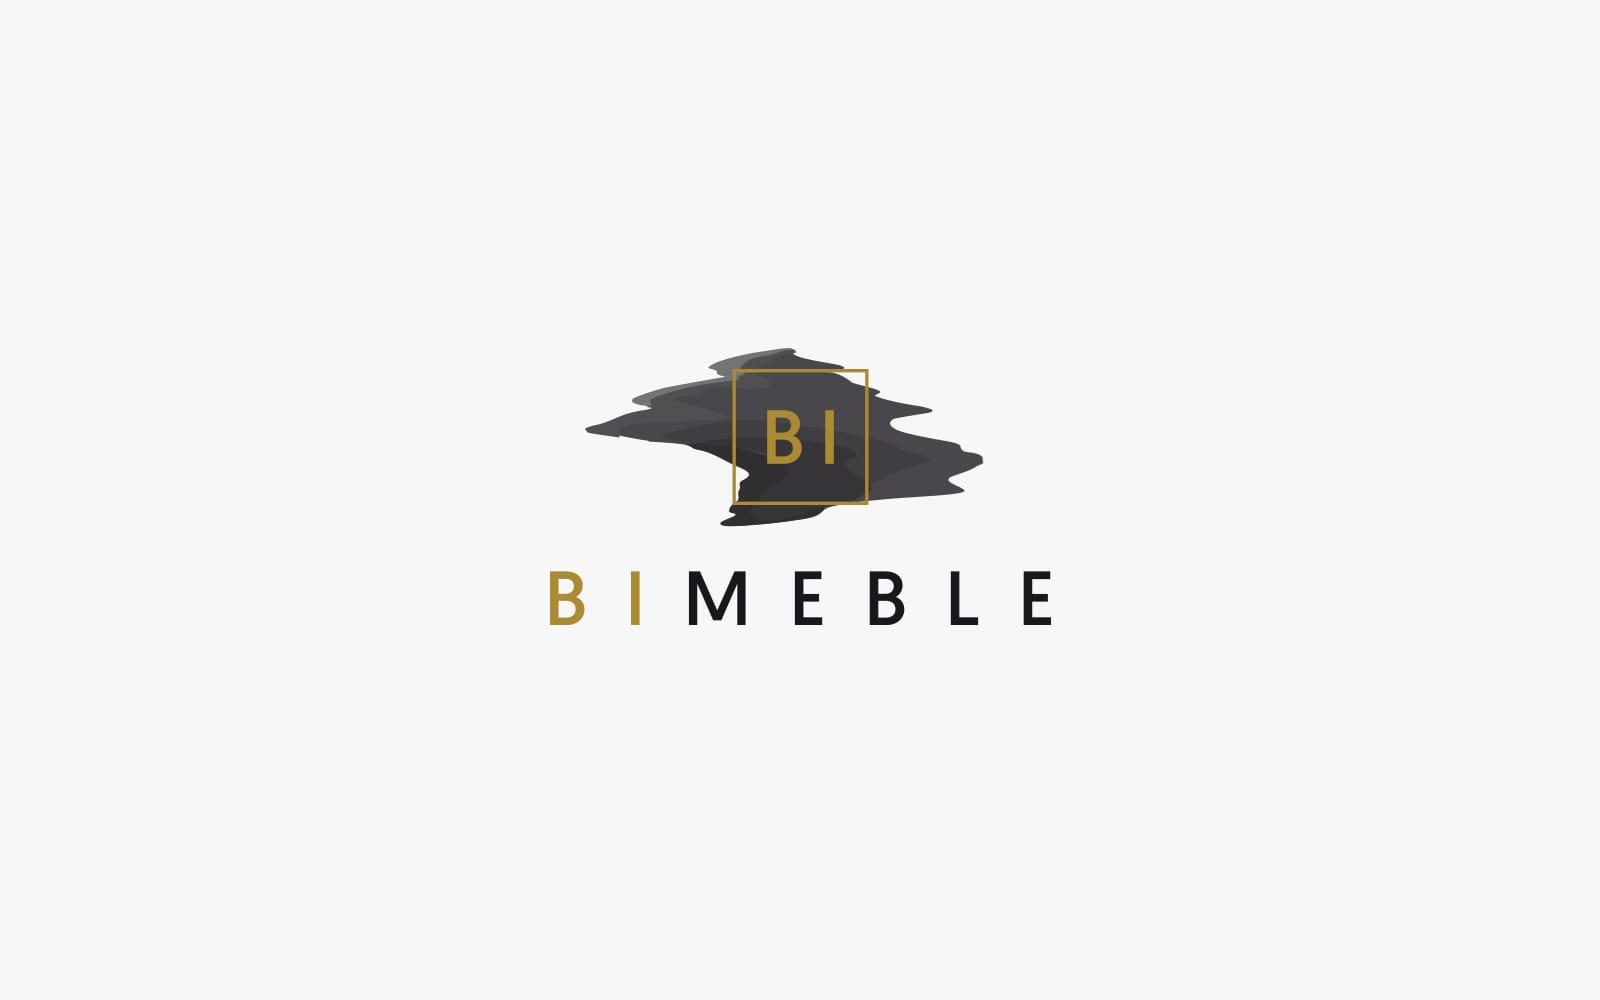 BI Meble projektowanie logo firmowych akcydensy firmowe tworzenie identyfikacja wizualna projekty księga znaku Agencja brandingowa reklamowa Moweli Creative Dąbrowa Górnicza Katowice Kraków Wrocław Warszawa